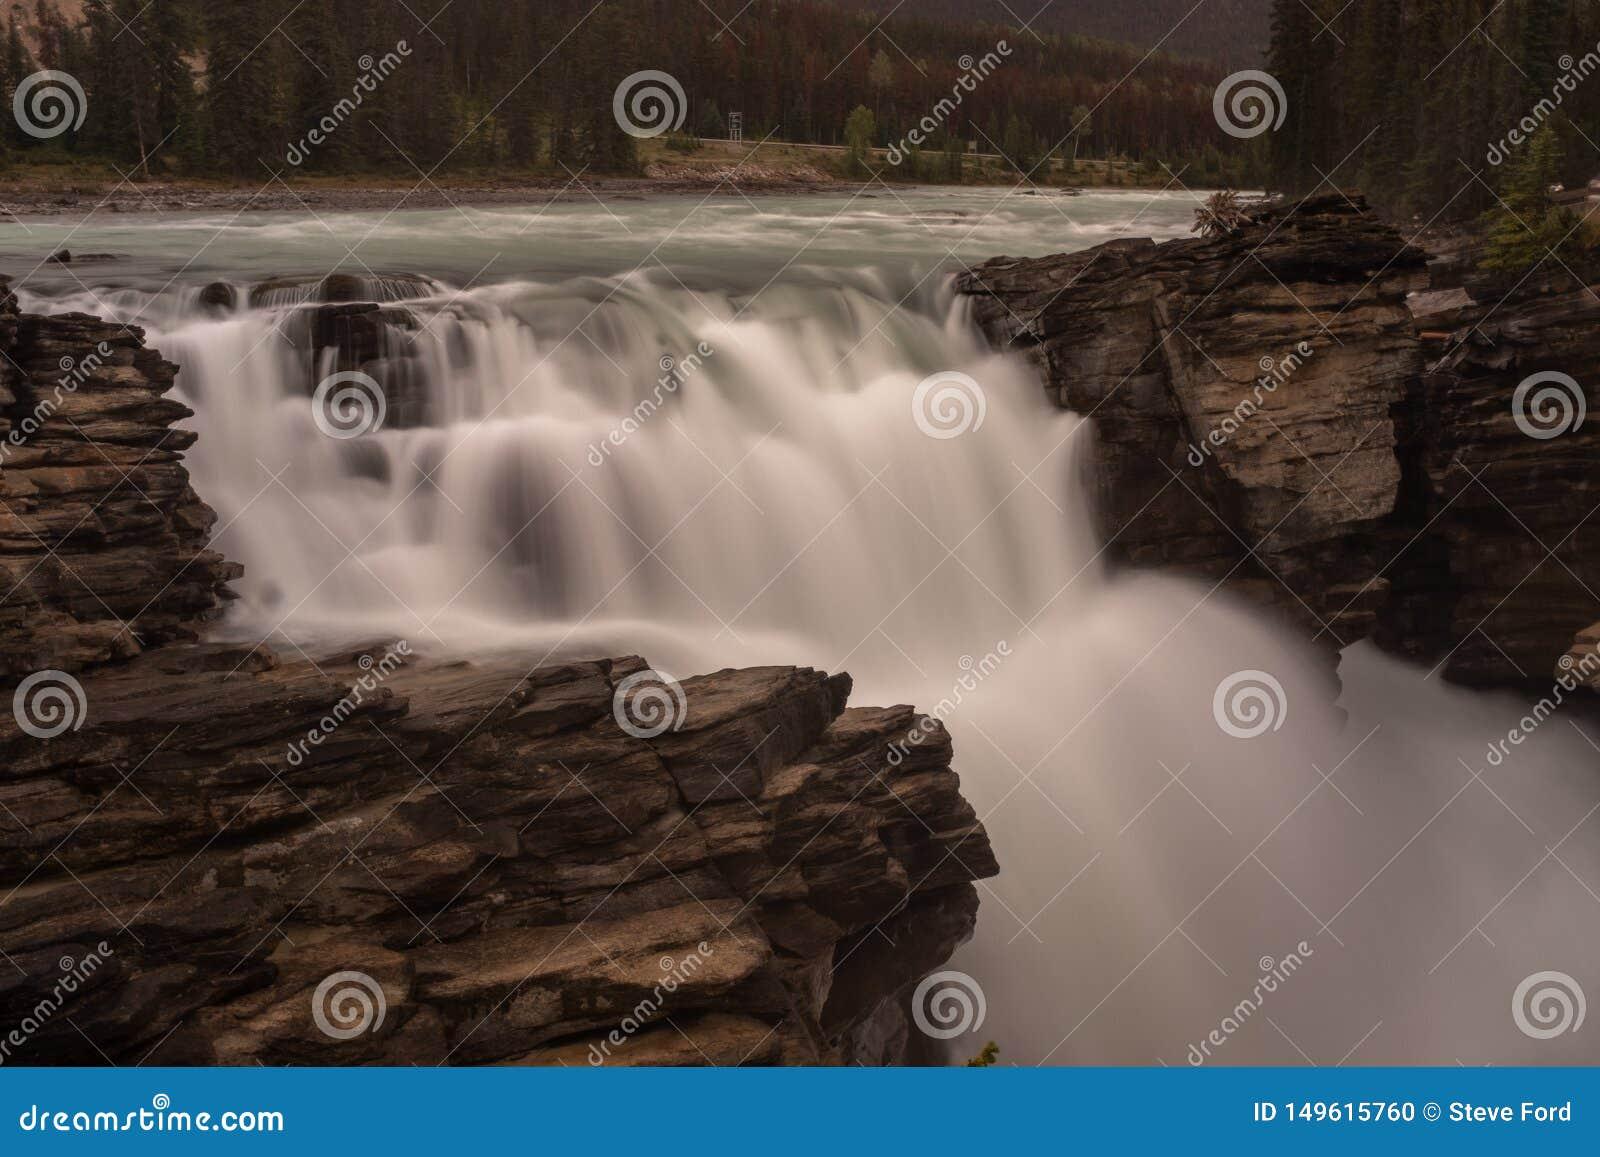 A cachoeira poderosa de Athabasca no parque nacional de Banff, Canadá, a torrente de apertos da água com uma diferença nas rochas